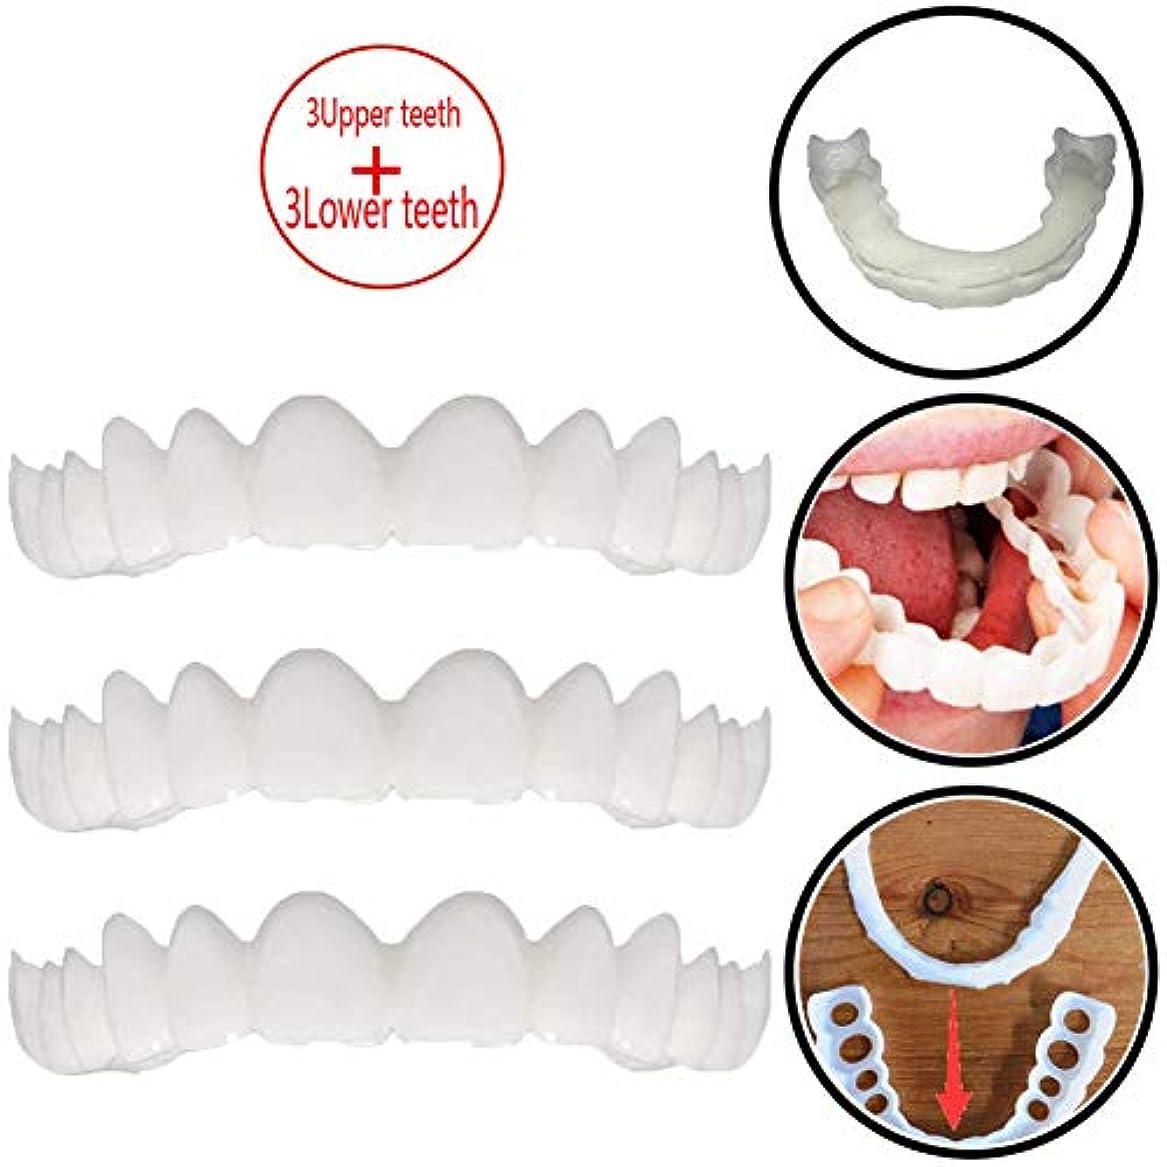 説明マウンド眩惑する3ペアの一時的な歯のホワイトニング、シミュレーションブレース上部ブレース+下部ブレースホワイトニングティースナップオンインスタント完全ベニア,3upperteeth+3lowerteeth